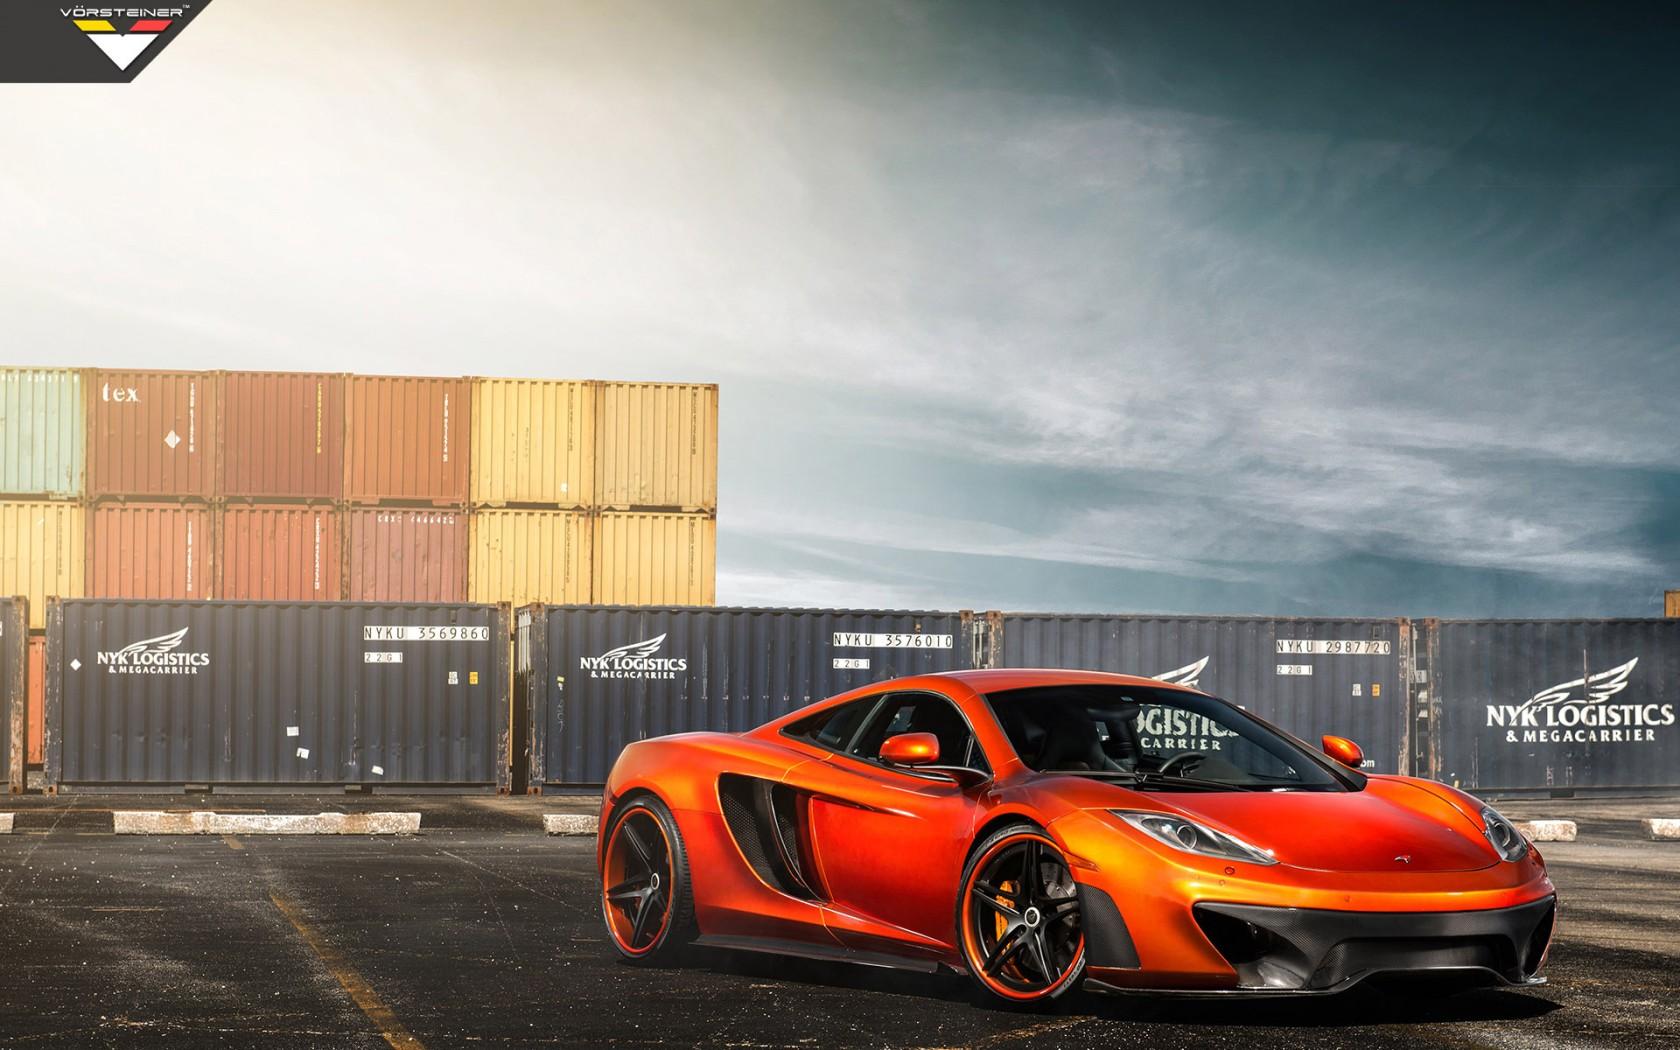 Vorsteiner Mclaren Mp4 Vx Volcano Orange Wallpaper Hd Car Wallpapers Id 4536